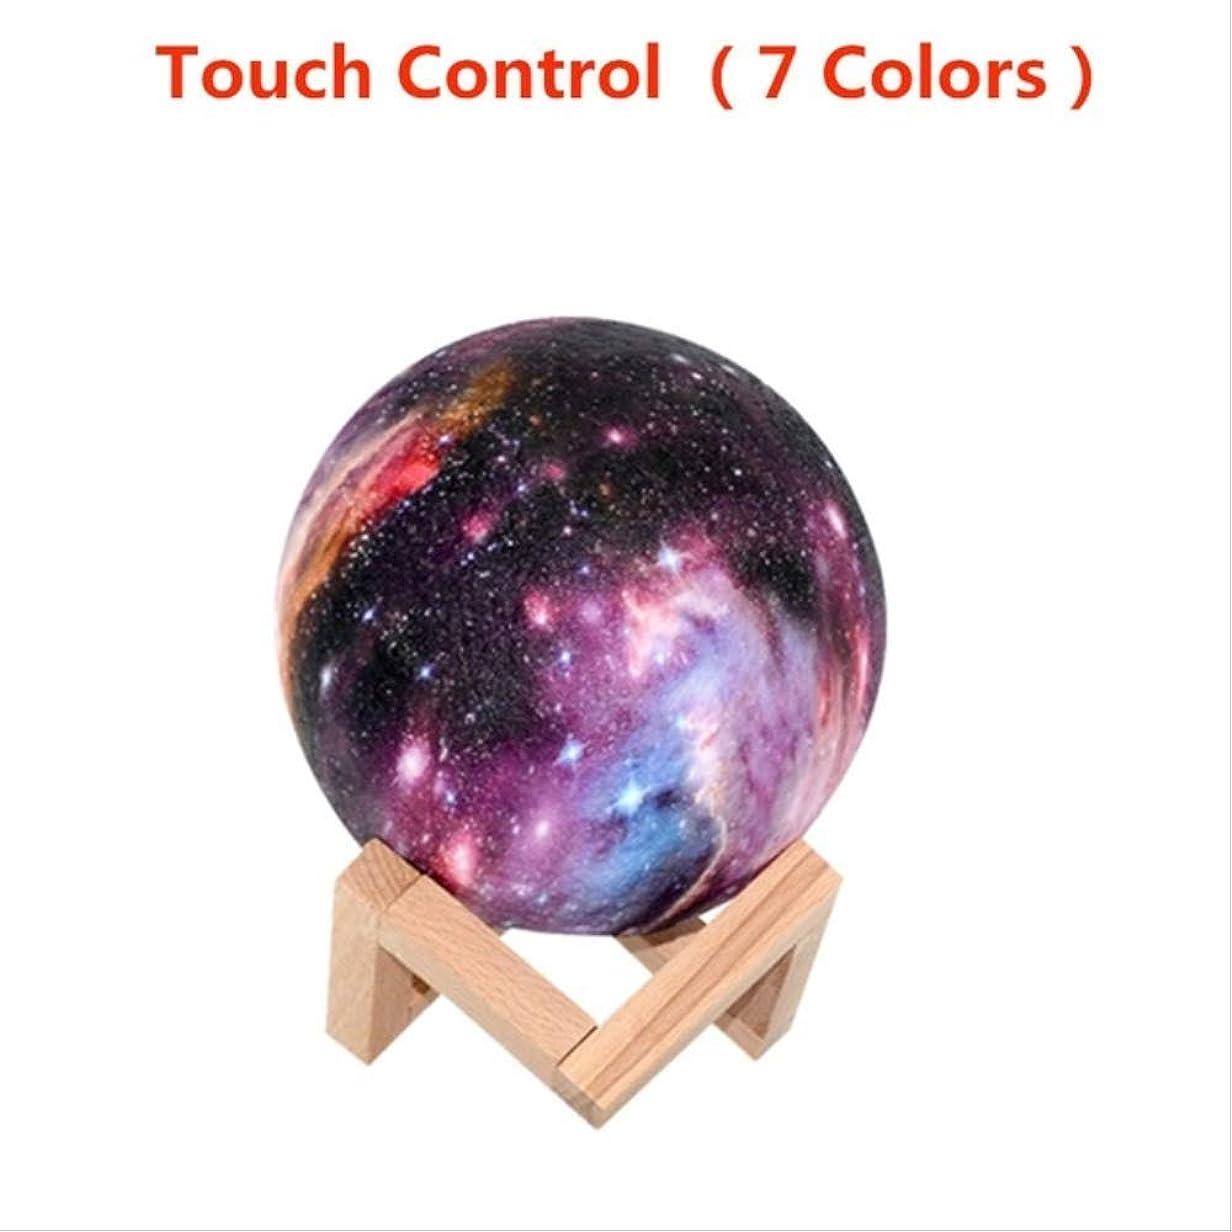 勧める見る人落胆するUSB充電カラフル??な3D星空月光タッチコントロールLEDナイトライトクリスマス誕生日ギフトホームデコレーションタッチ7色15cm